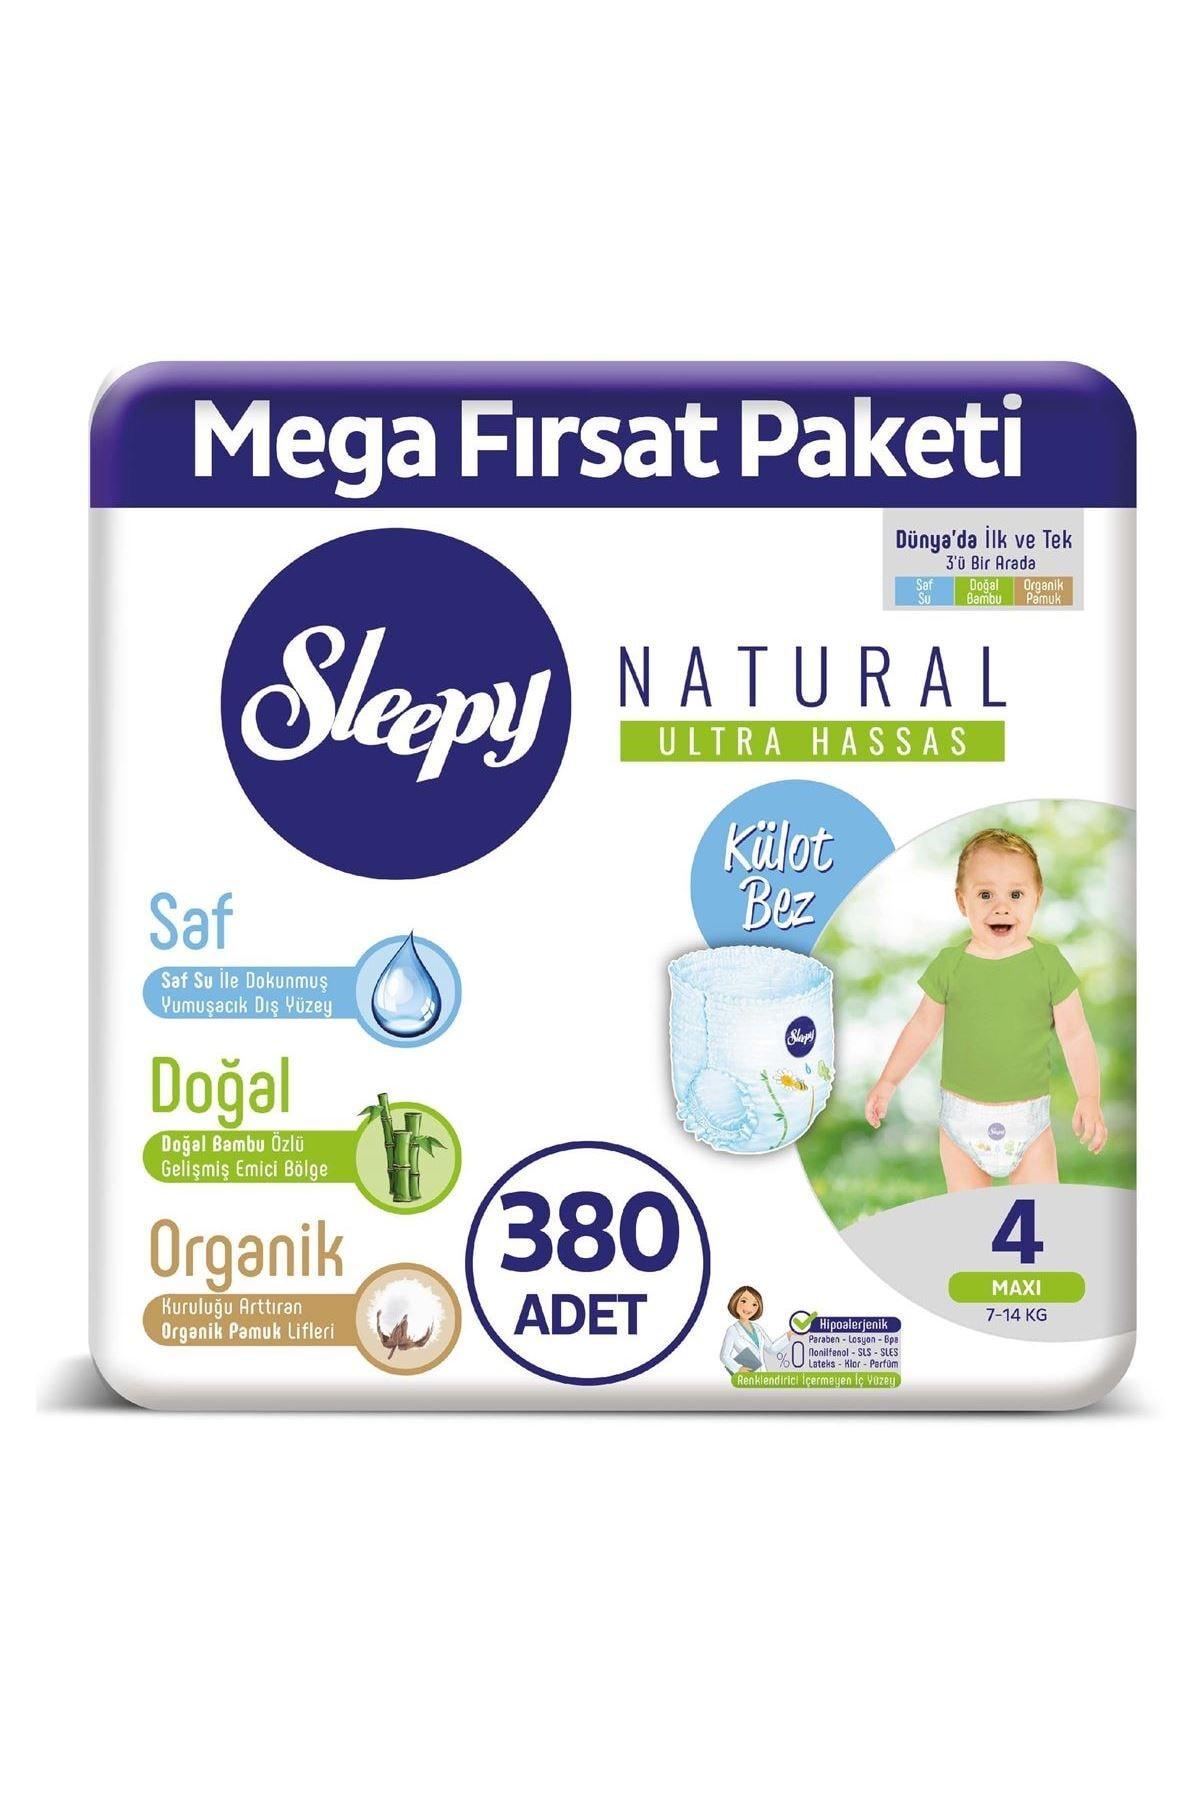 Sleepy Natural Külot Bez 4 Numara Maxi Mega Fırsat Paketi 380 Adet 0